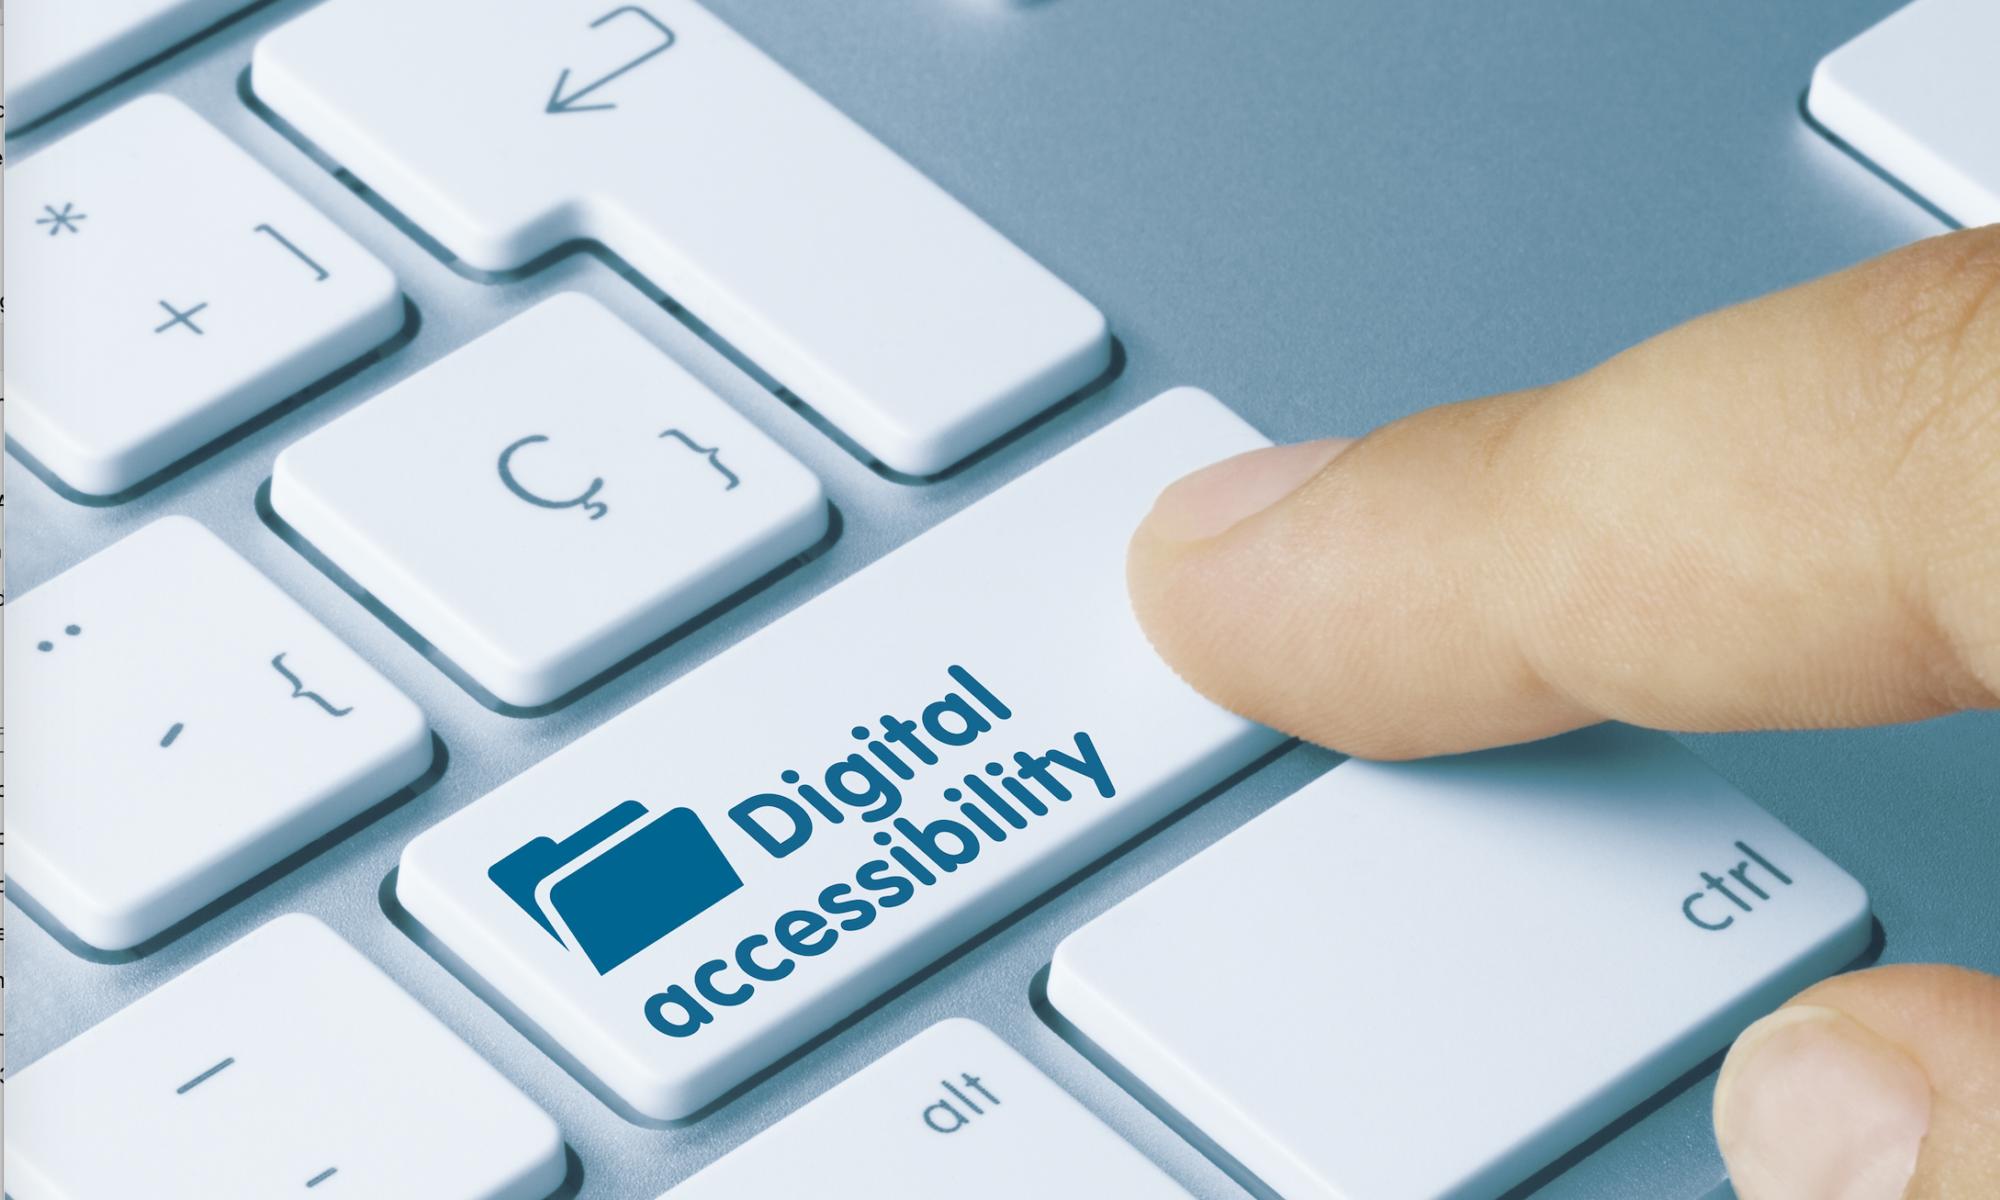 Digital Accessibility Keyboard